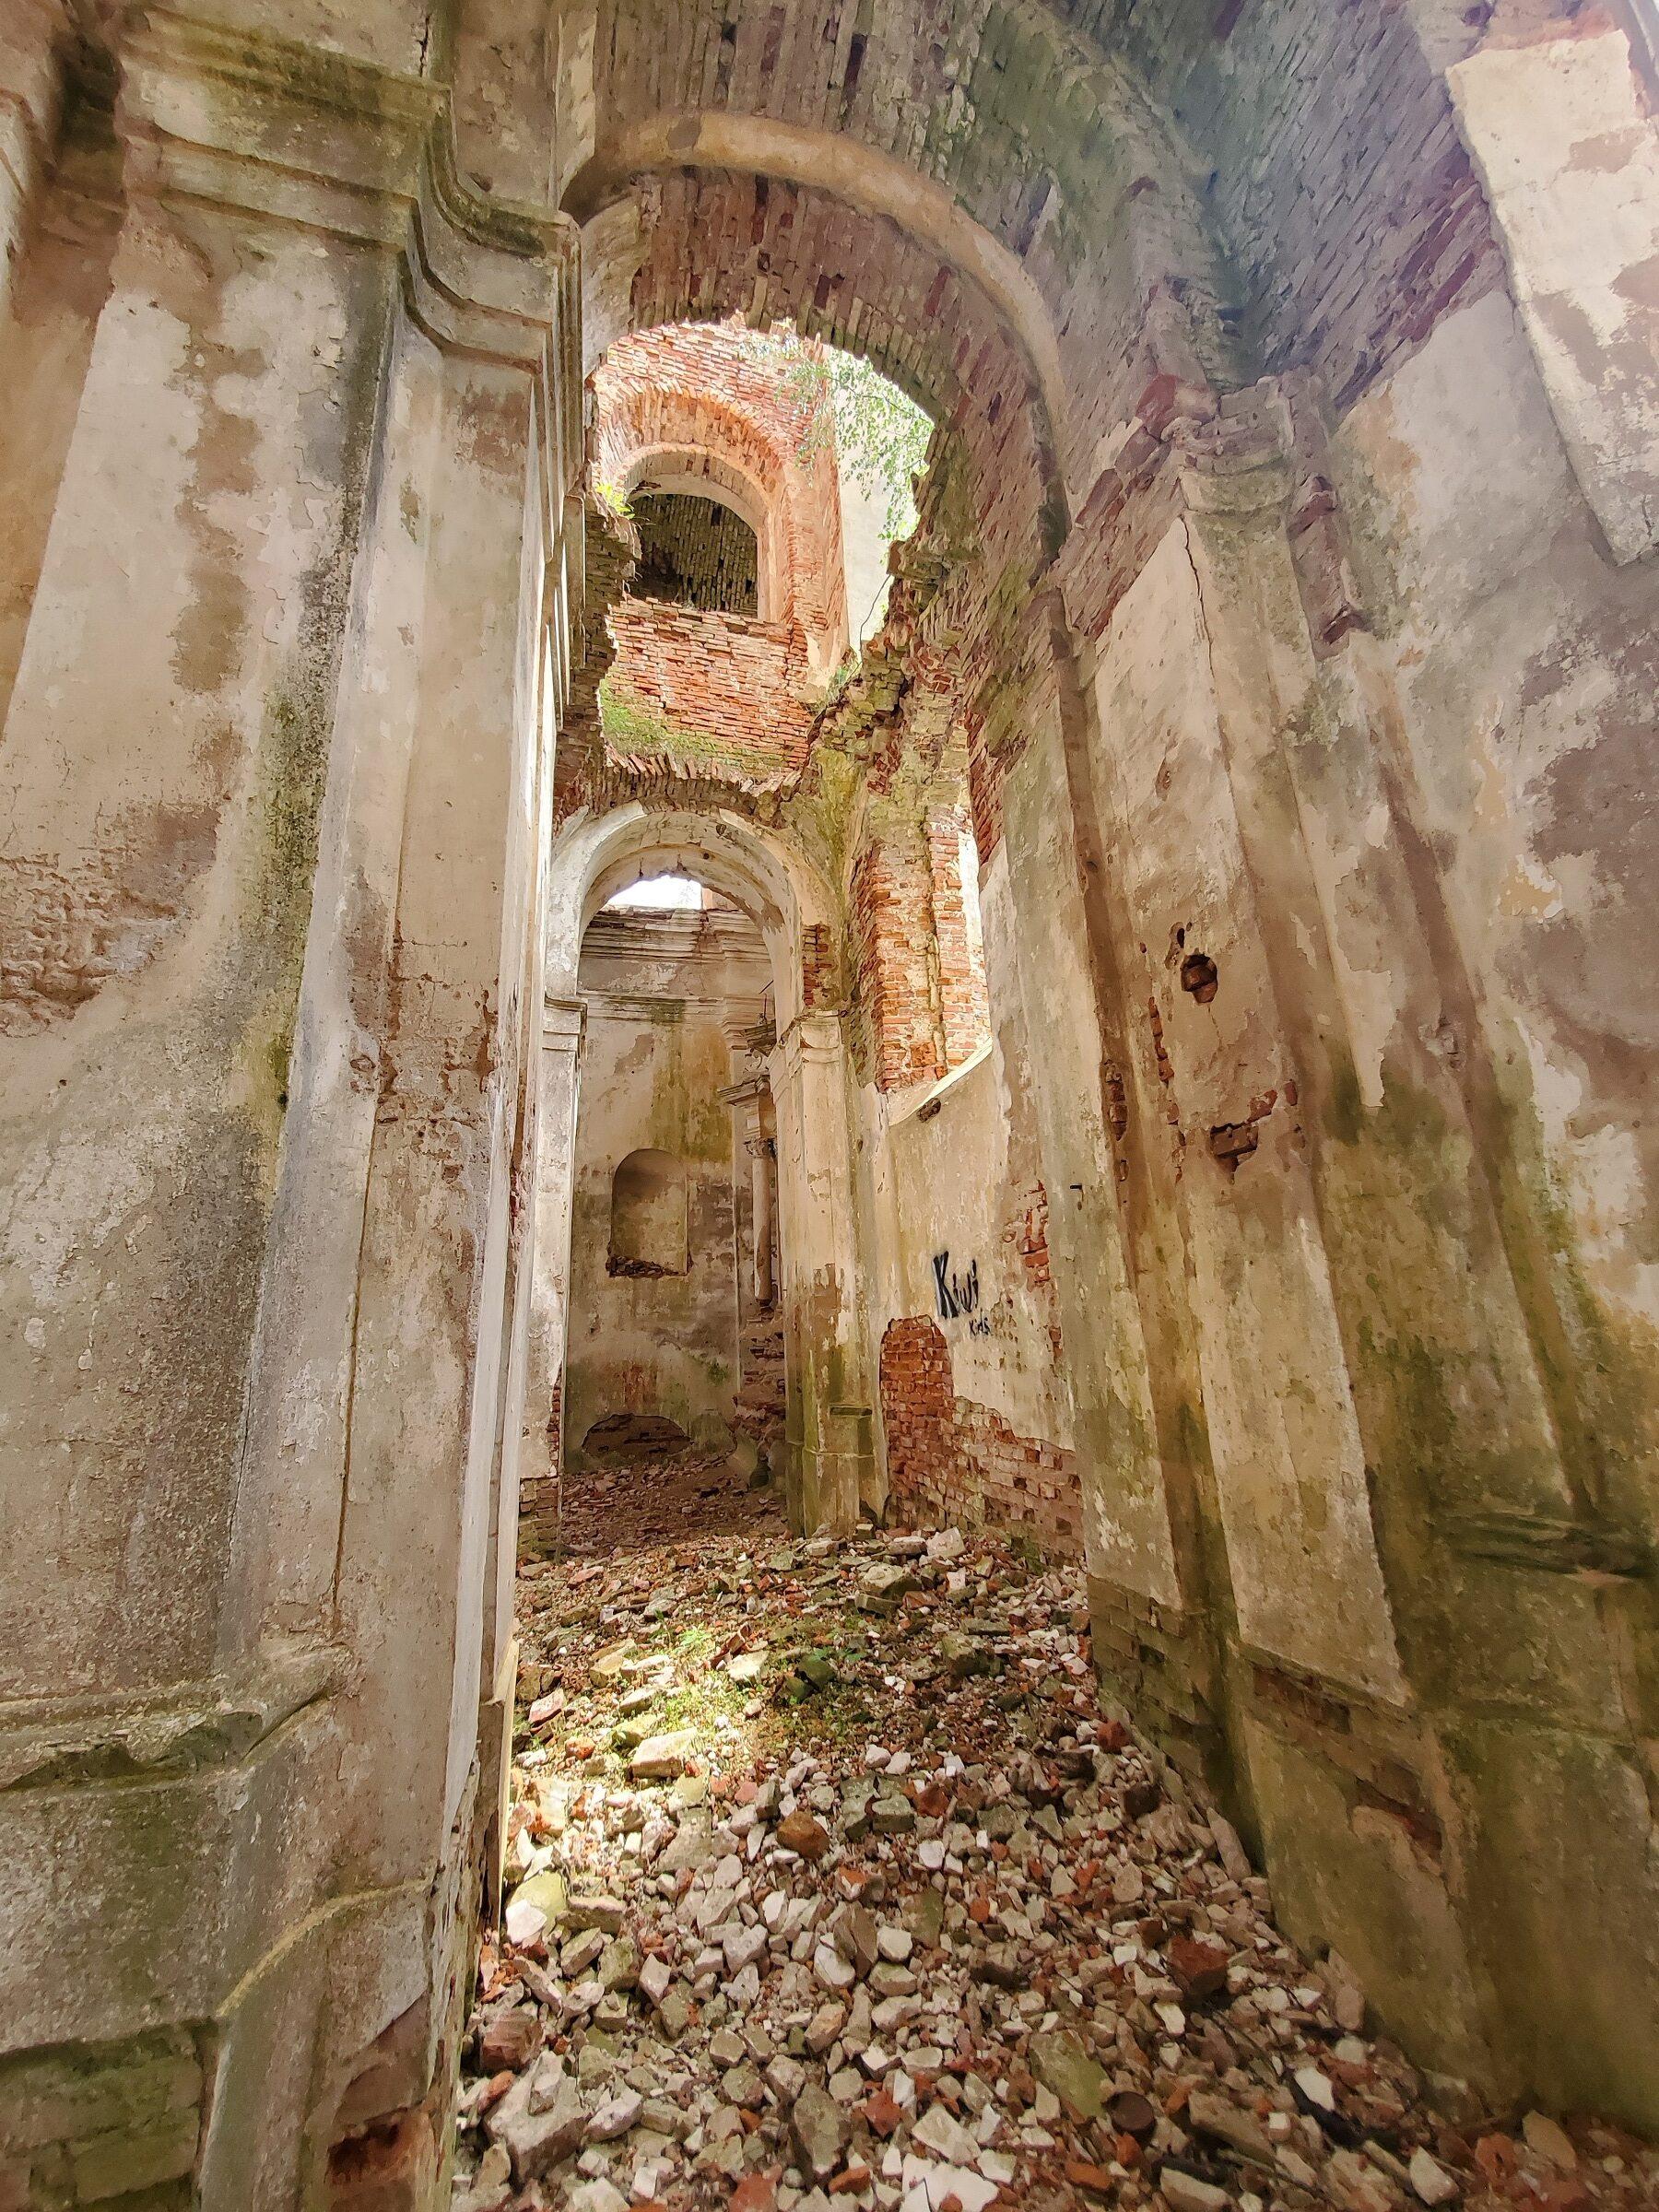 20200705 132539 rotated - Памятники архитектуры в Селище